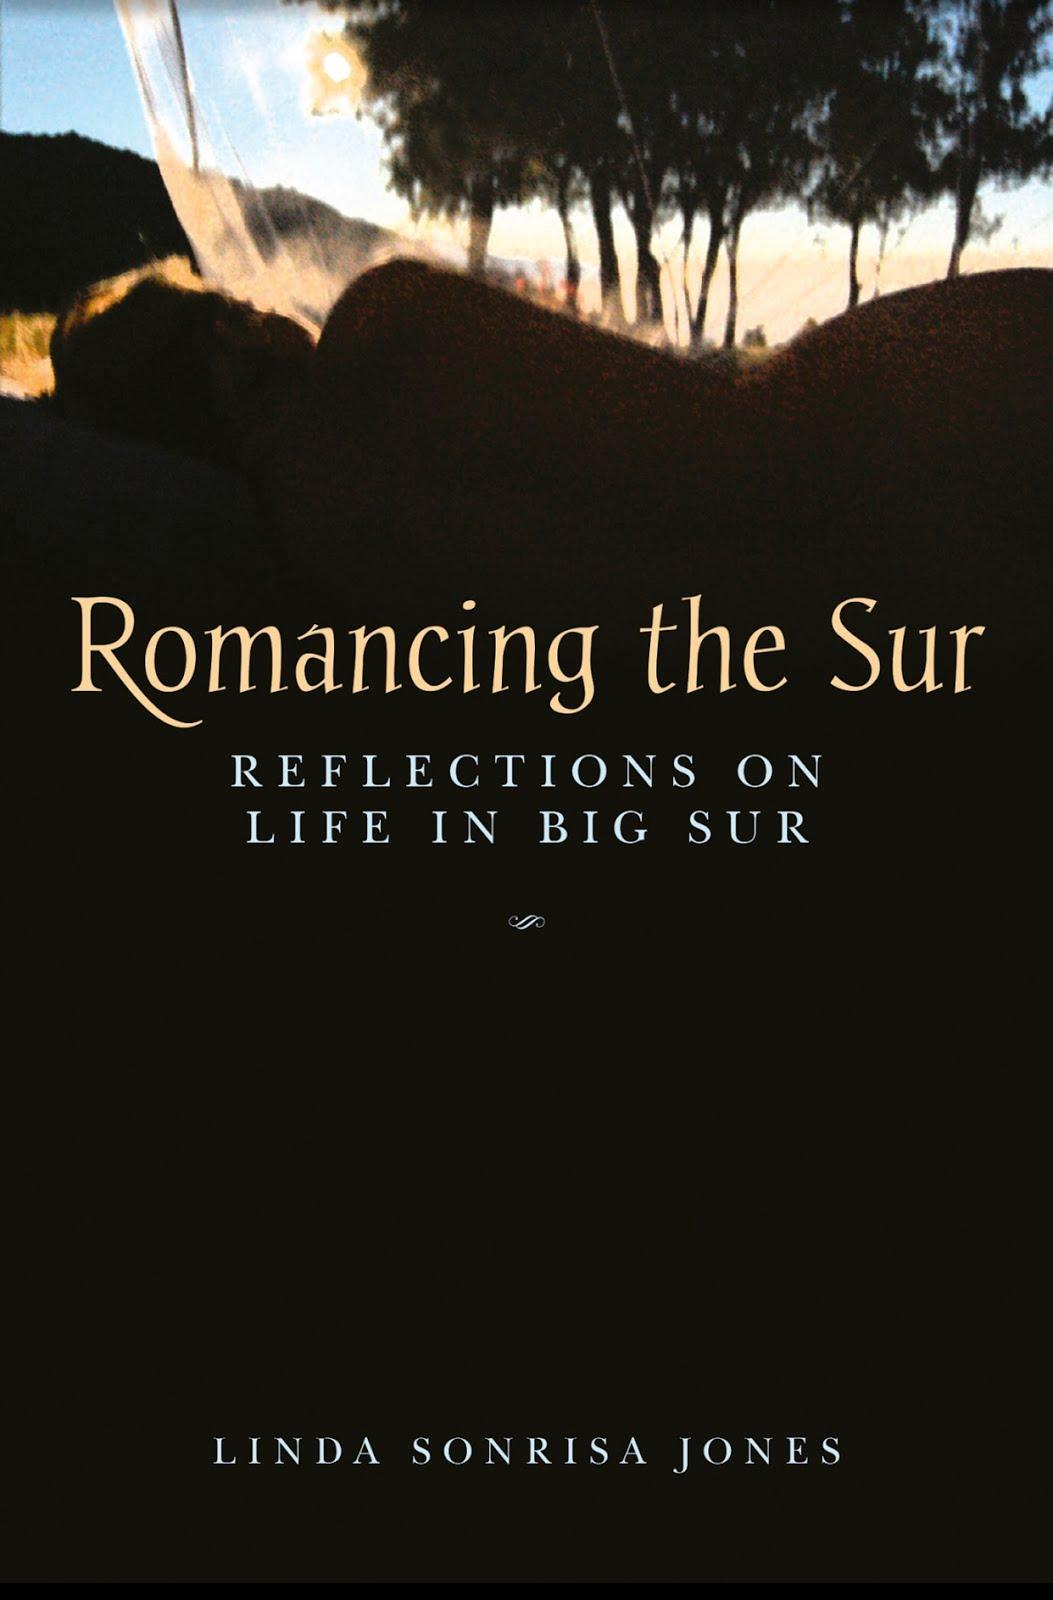 Romancing the Sur